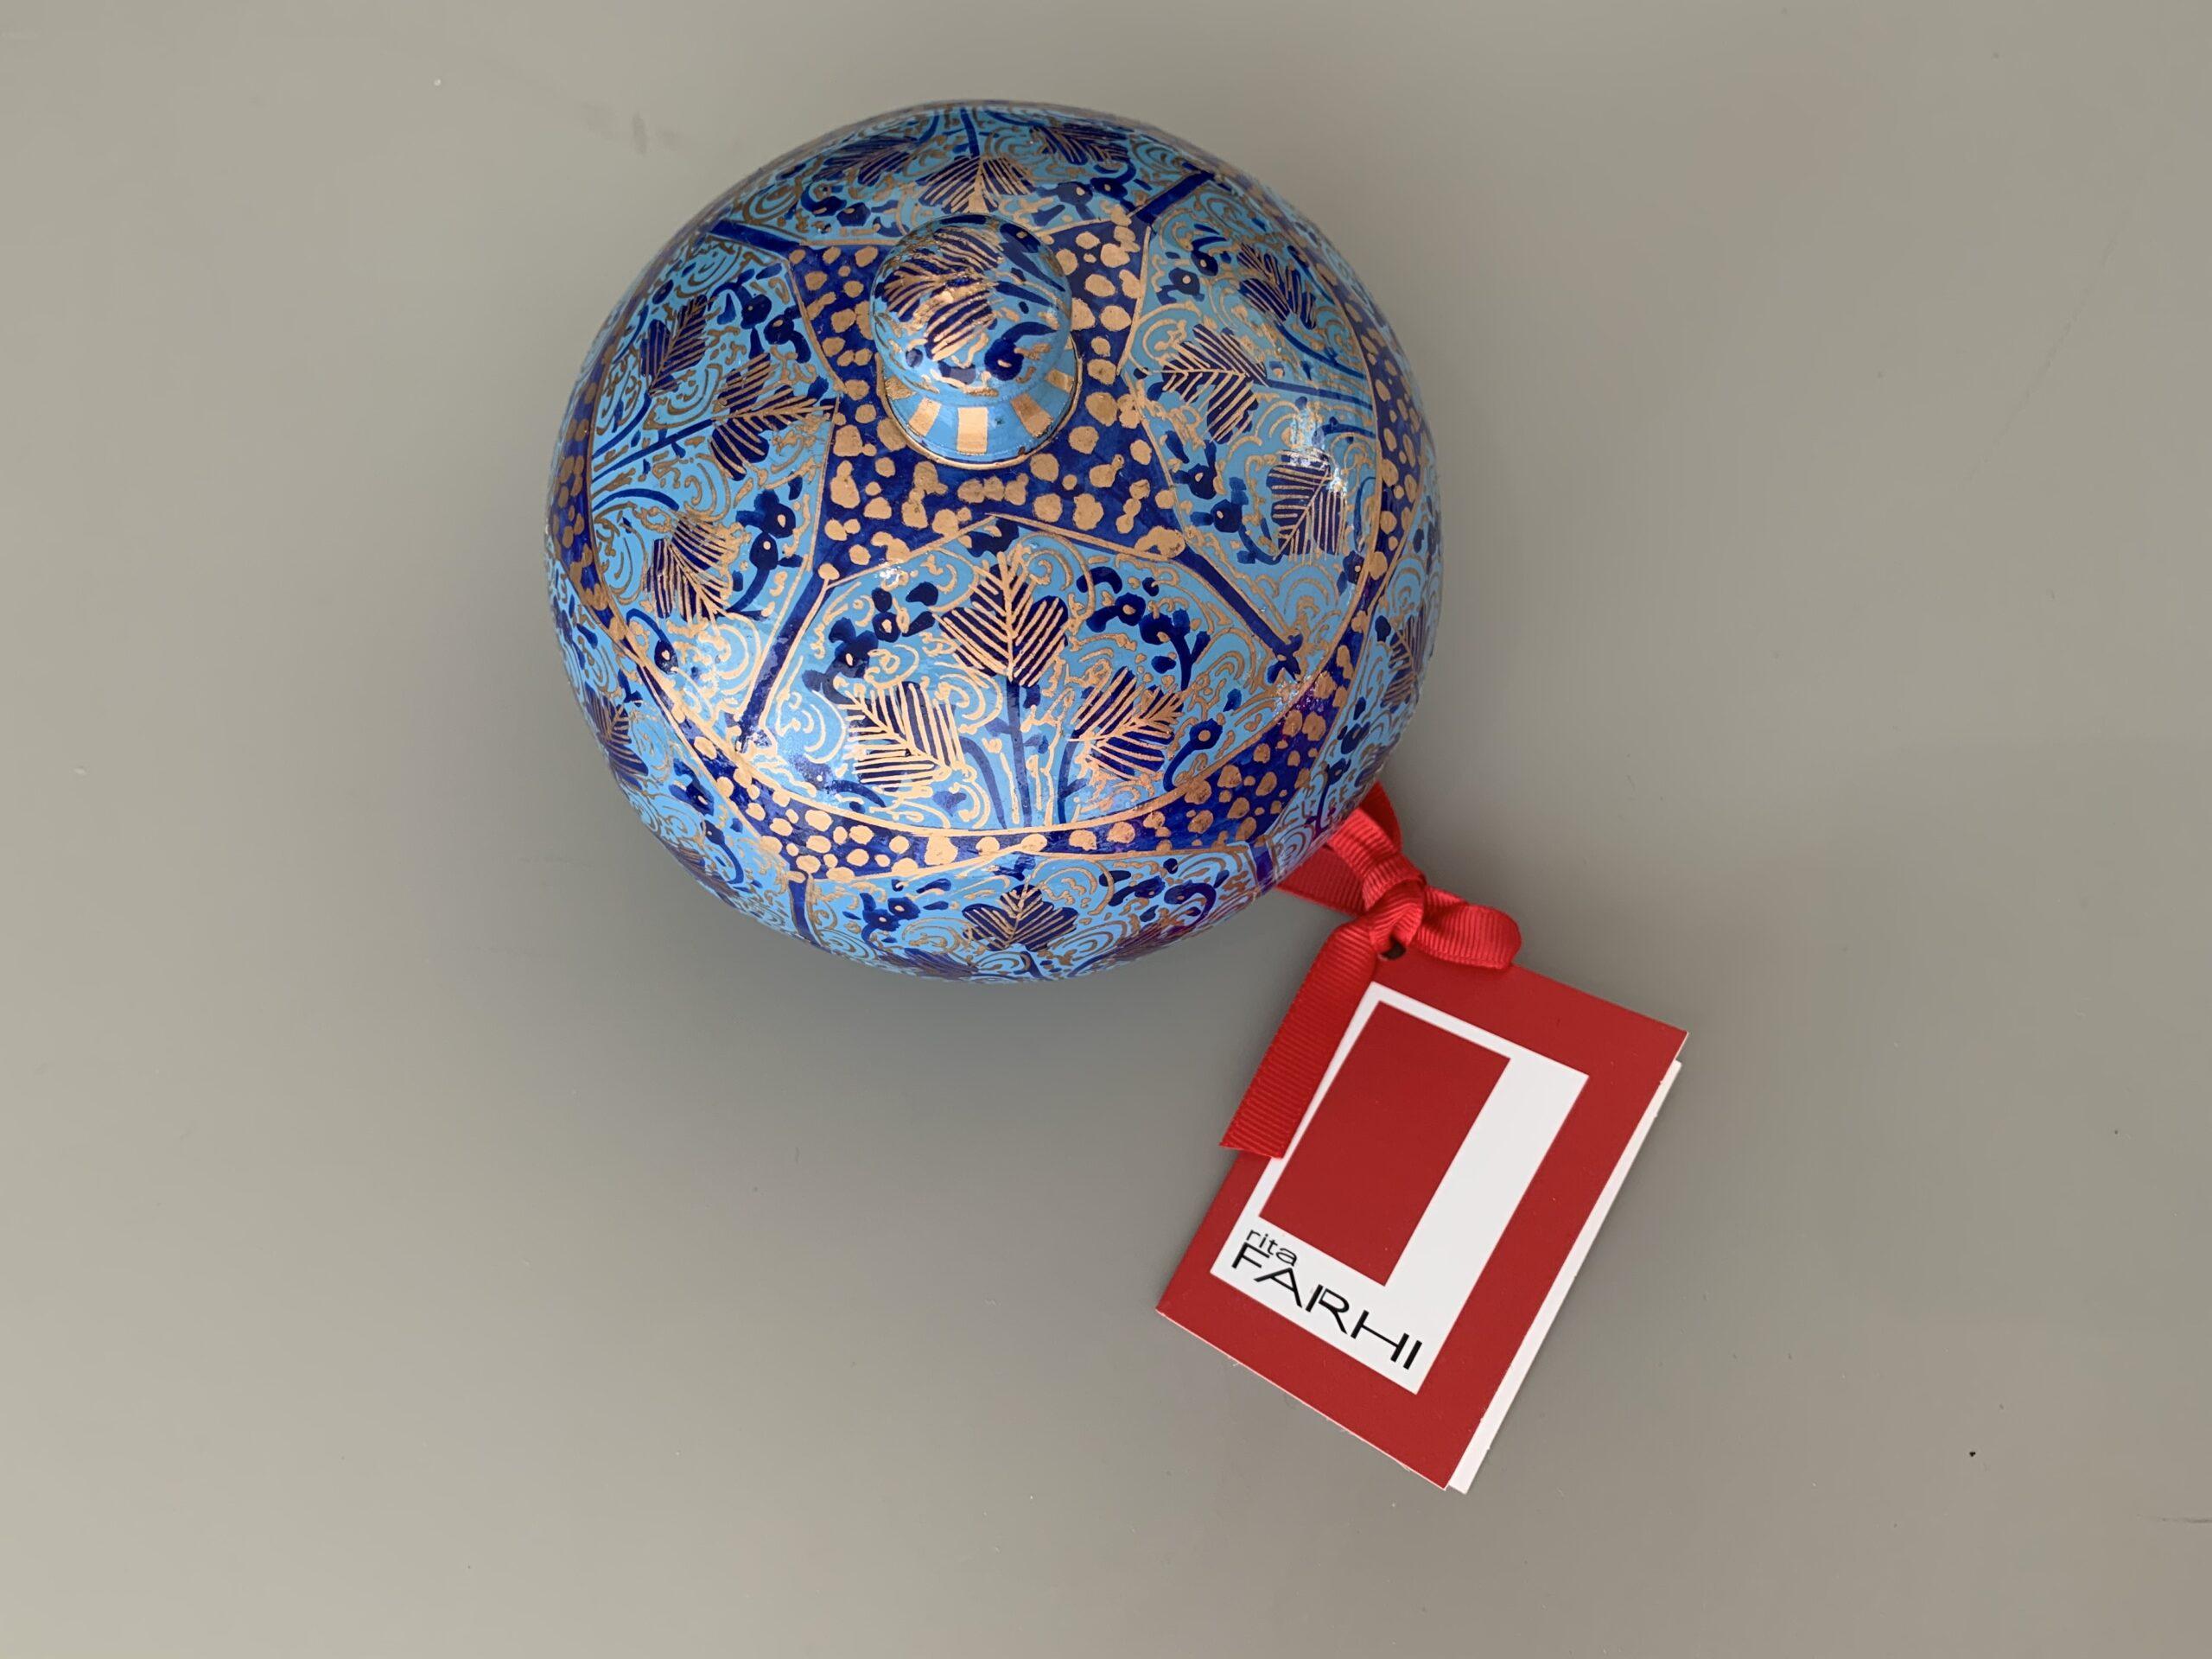 Rita Fahri decorative papier mache ornamental bonbonnières with almonds or pecans, £15